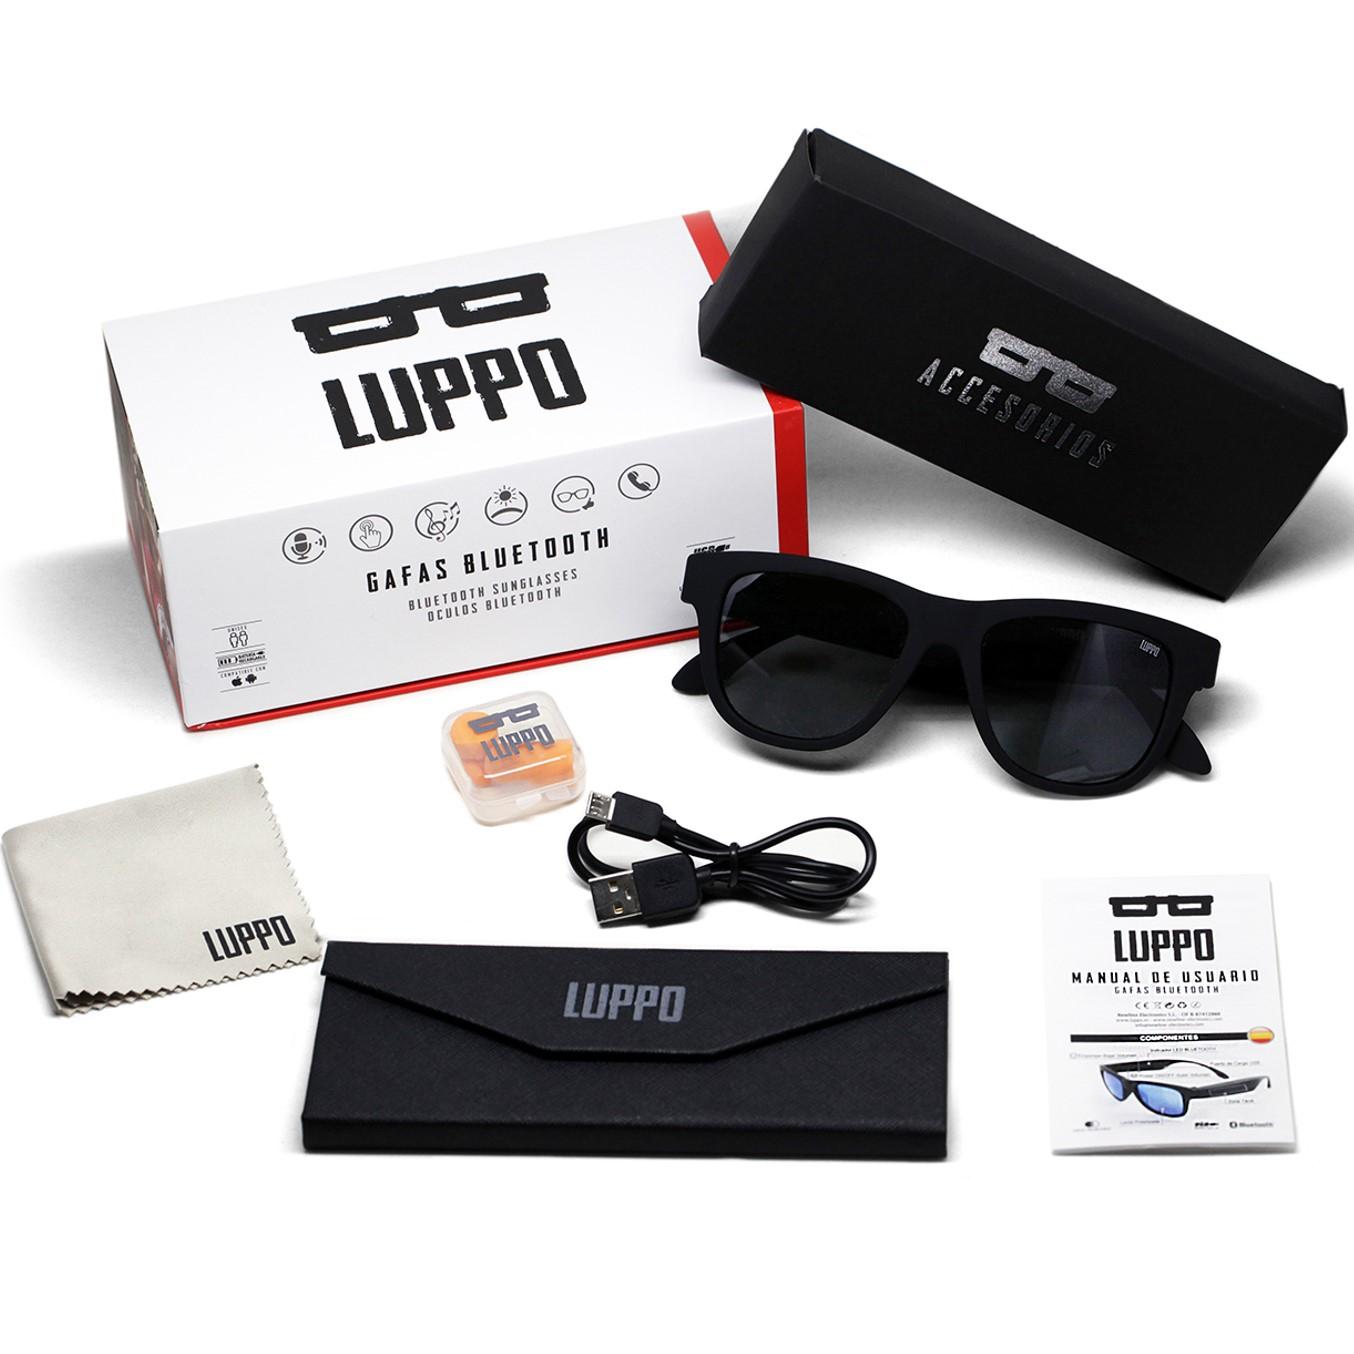 Para estrenar b934f c93fc Gafas De Sol Bluetooth Newline Luppo Lente Negra Incluida